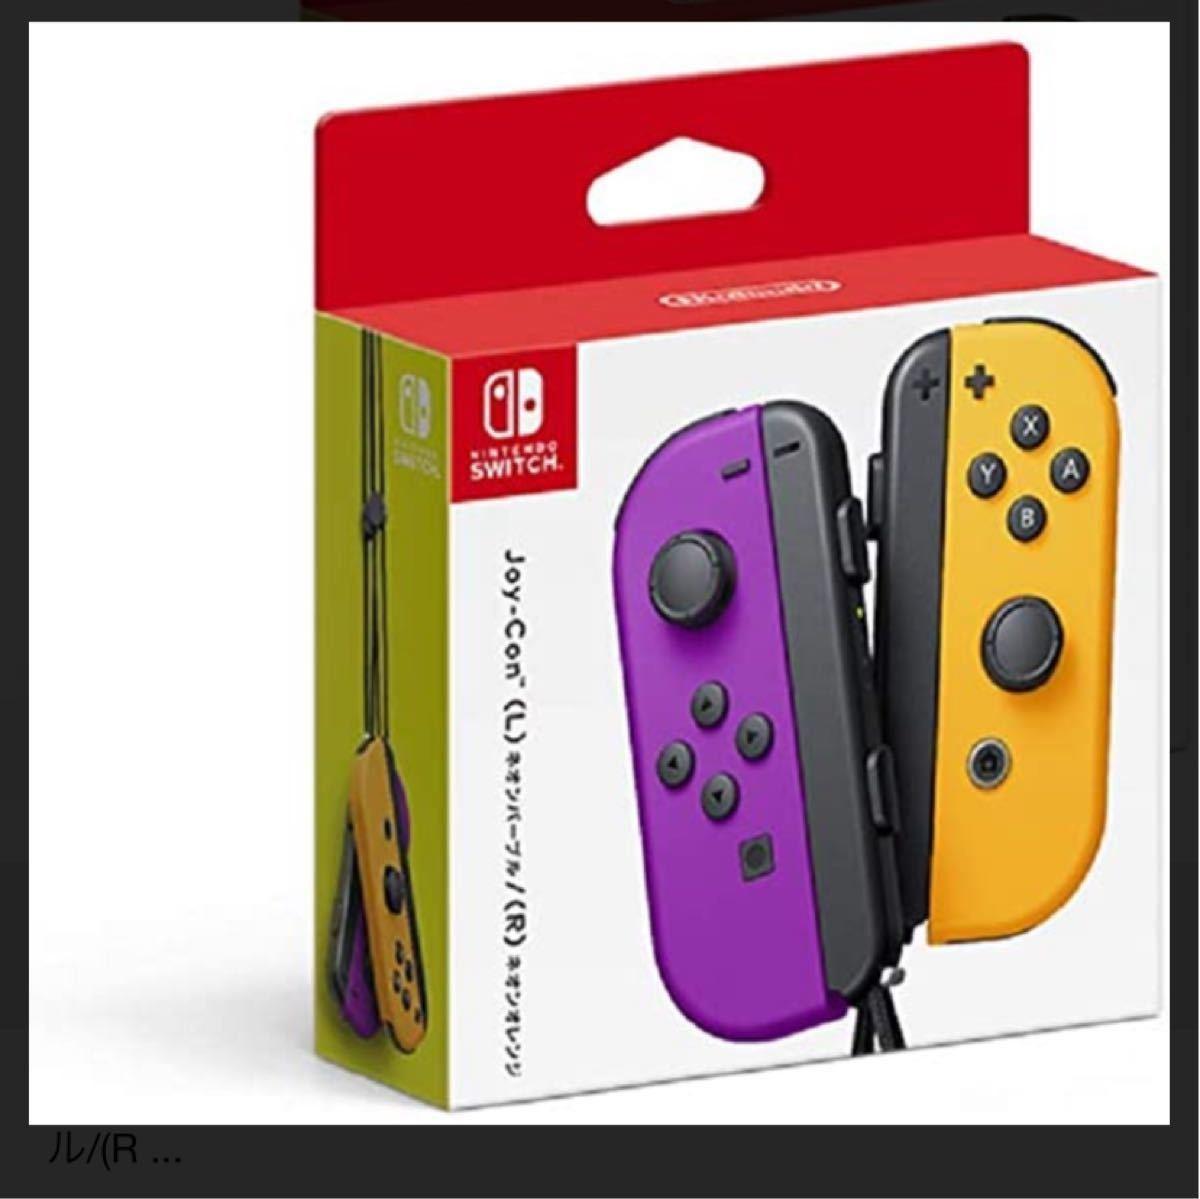 ジョイコン Nintendo Switch ニンテンドースイッチ 任天堂 ネオンパープル ネオオレンジ